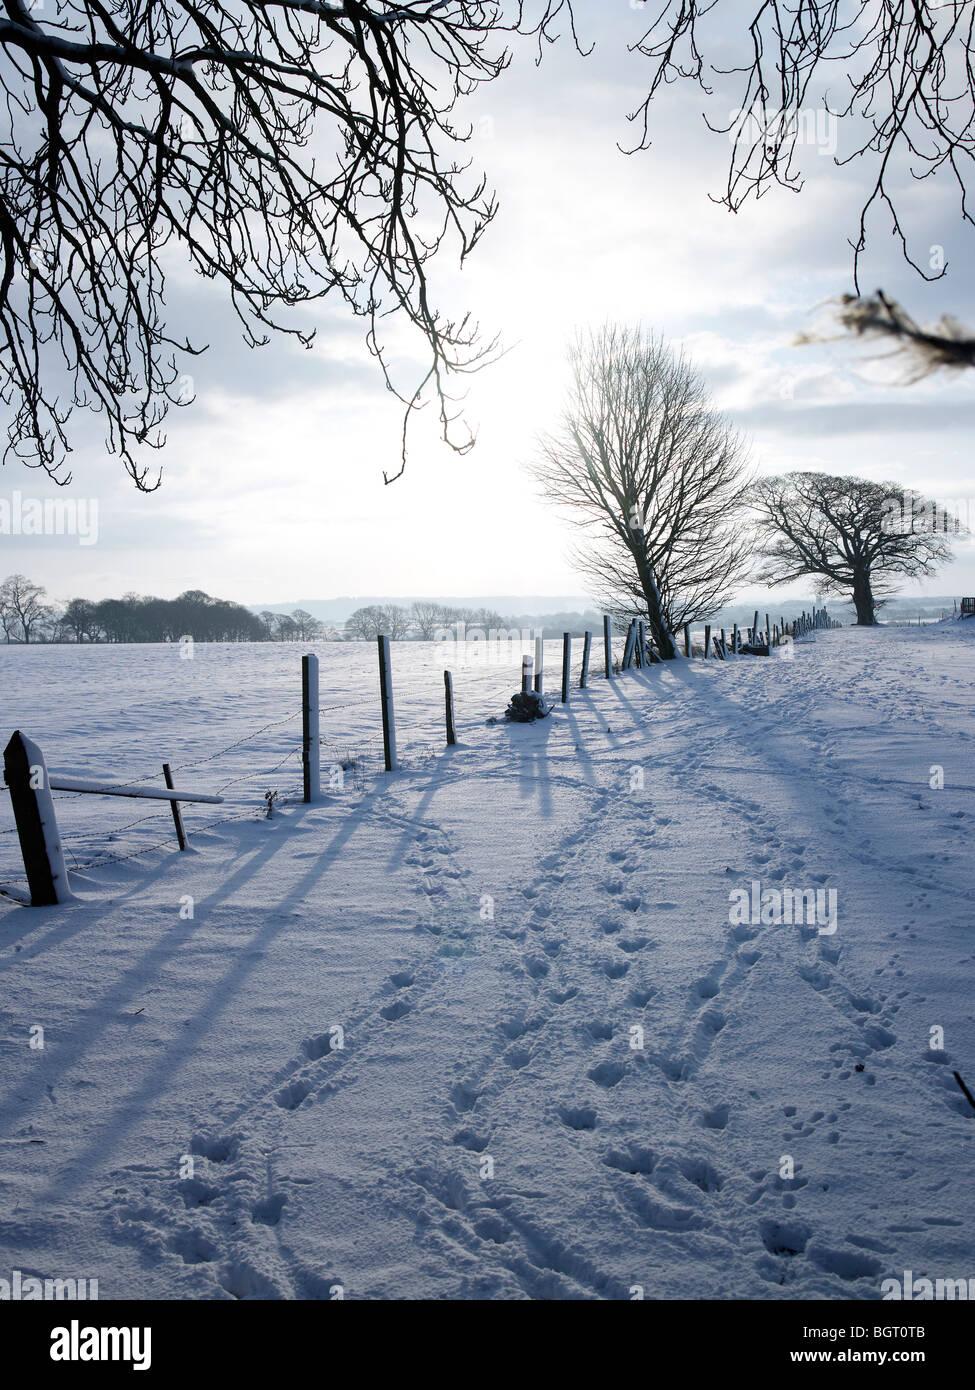 Footsteps in snow, Grange Moor, Nr Huddersfield, West Yorkshire - Stock Image